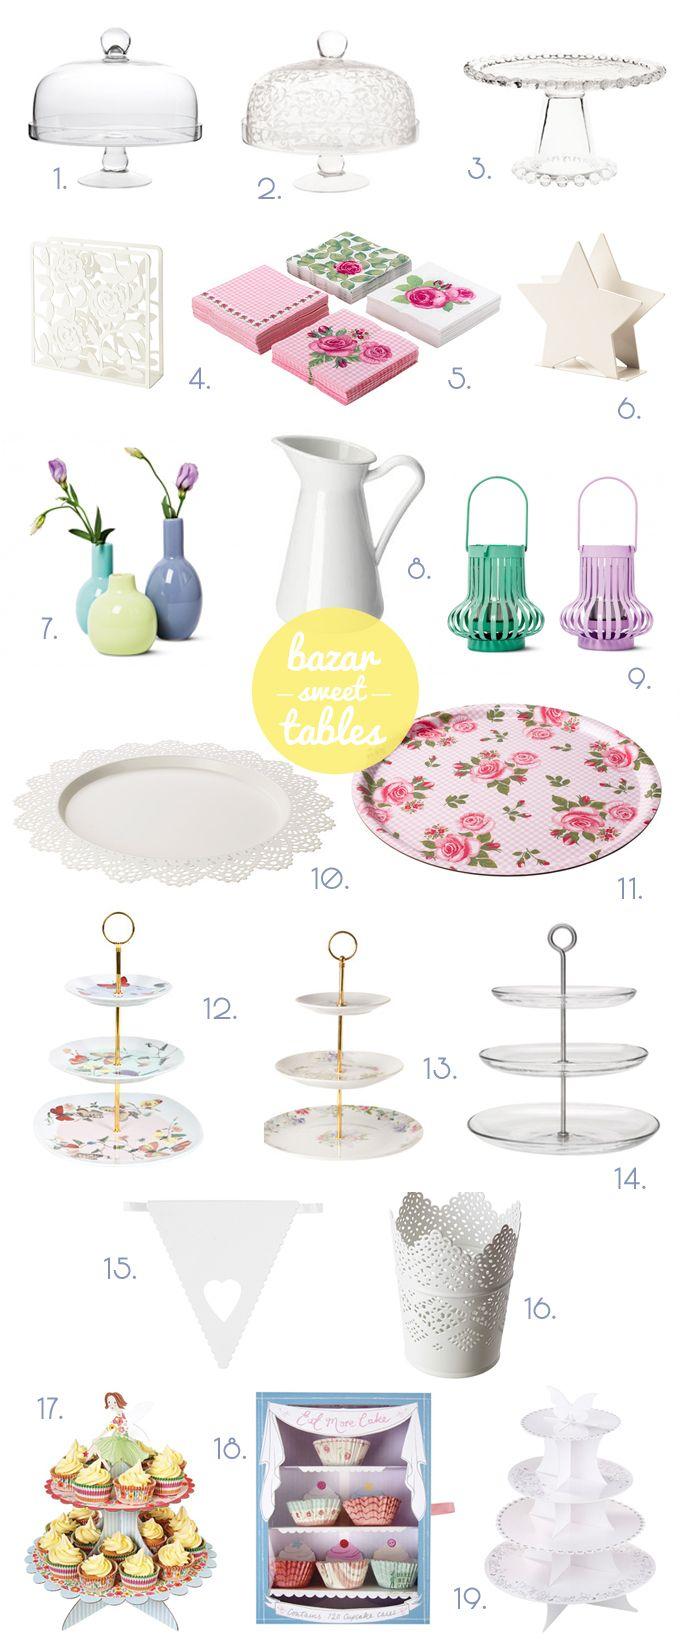 Las sweet table o mesas de dulces están de moda. Os dejamos unas ideas por si tenéis un evento próximamente y queréis montar una.